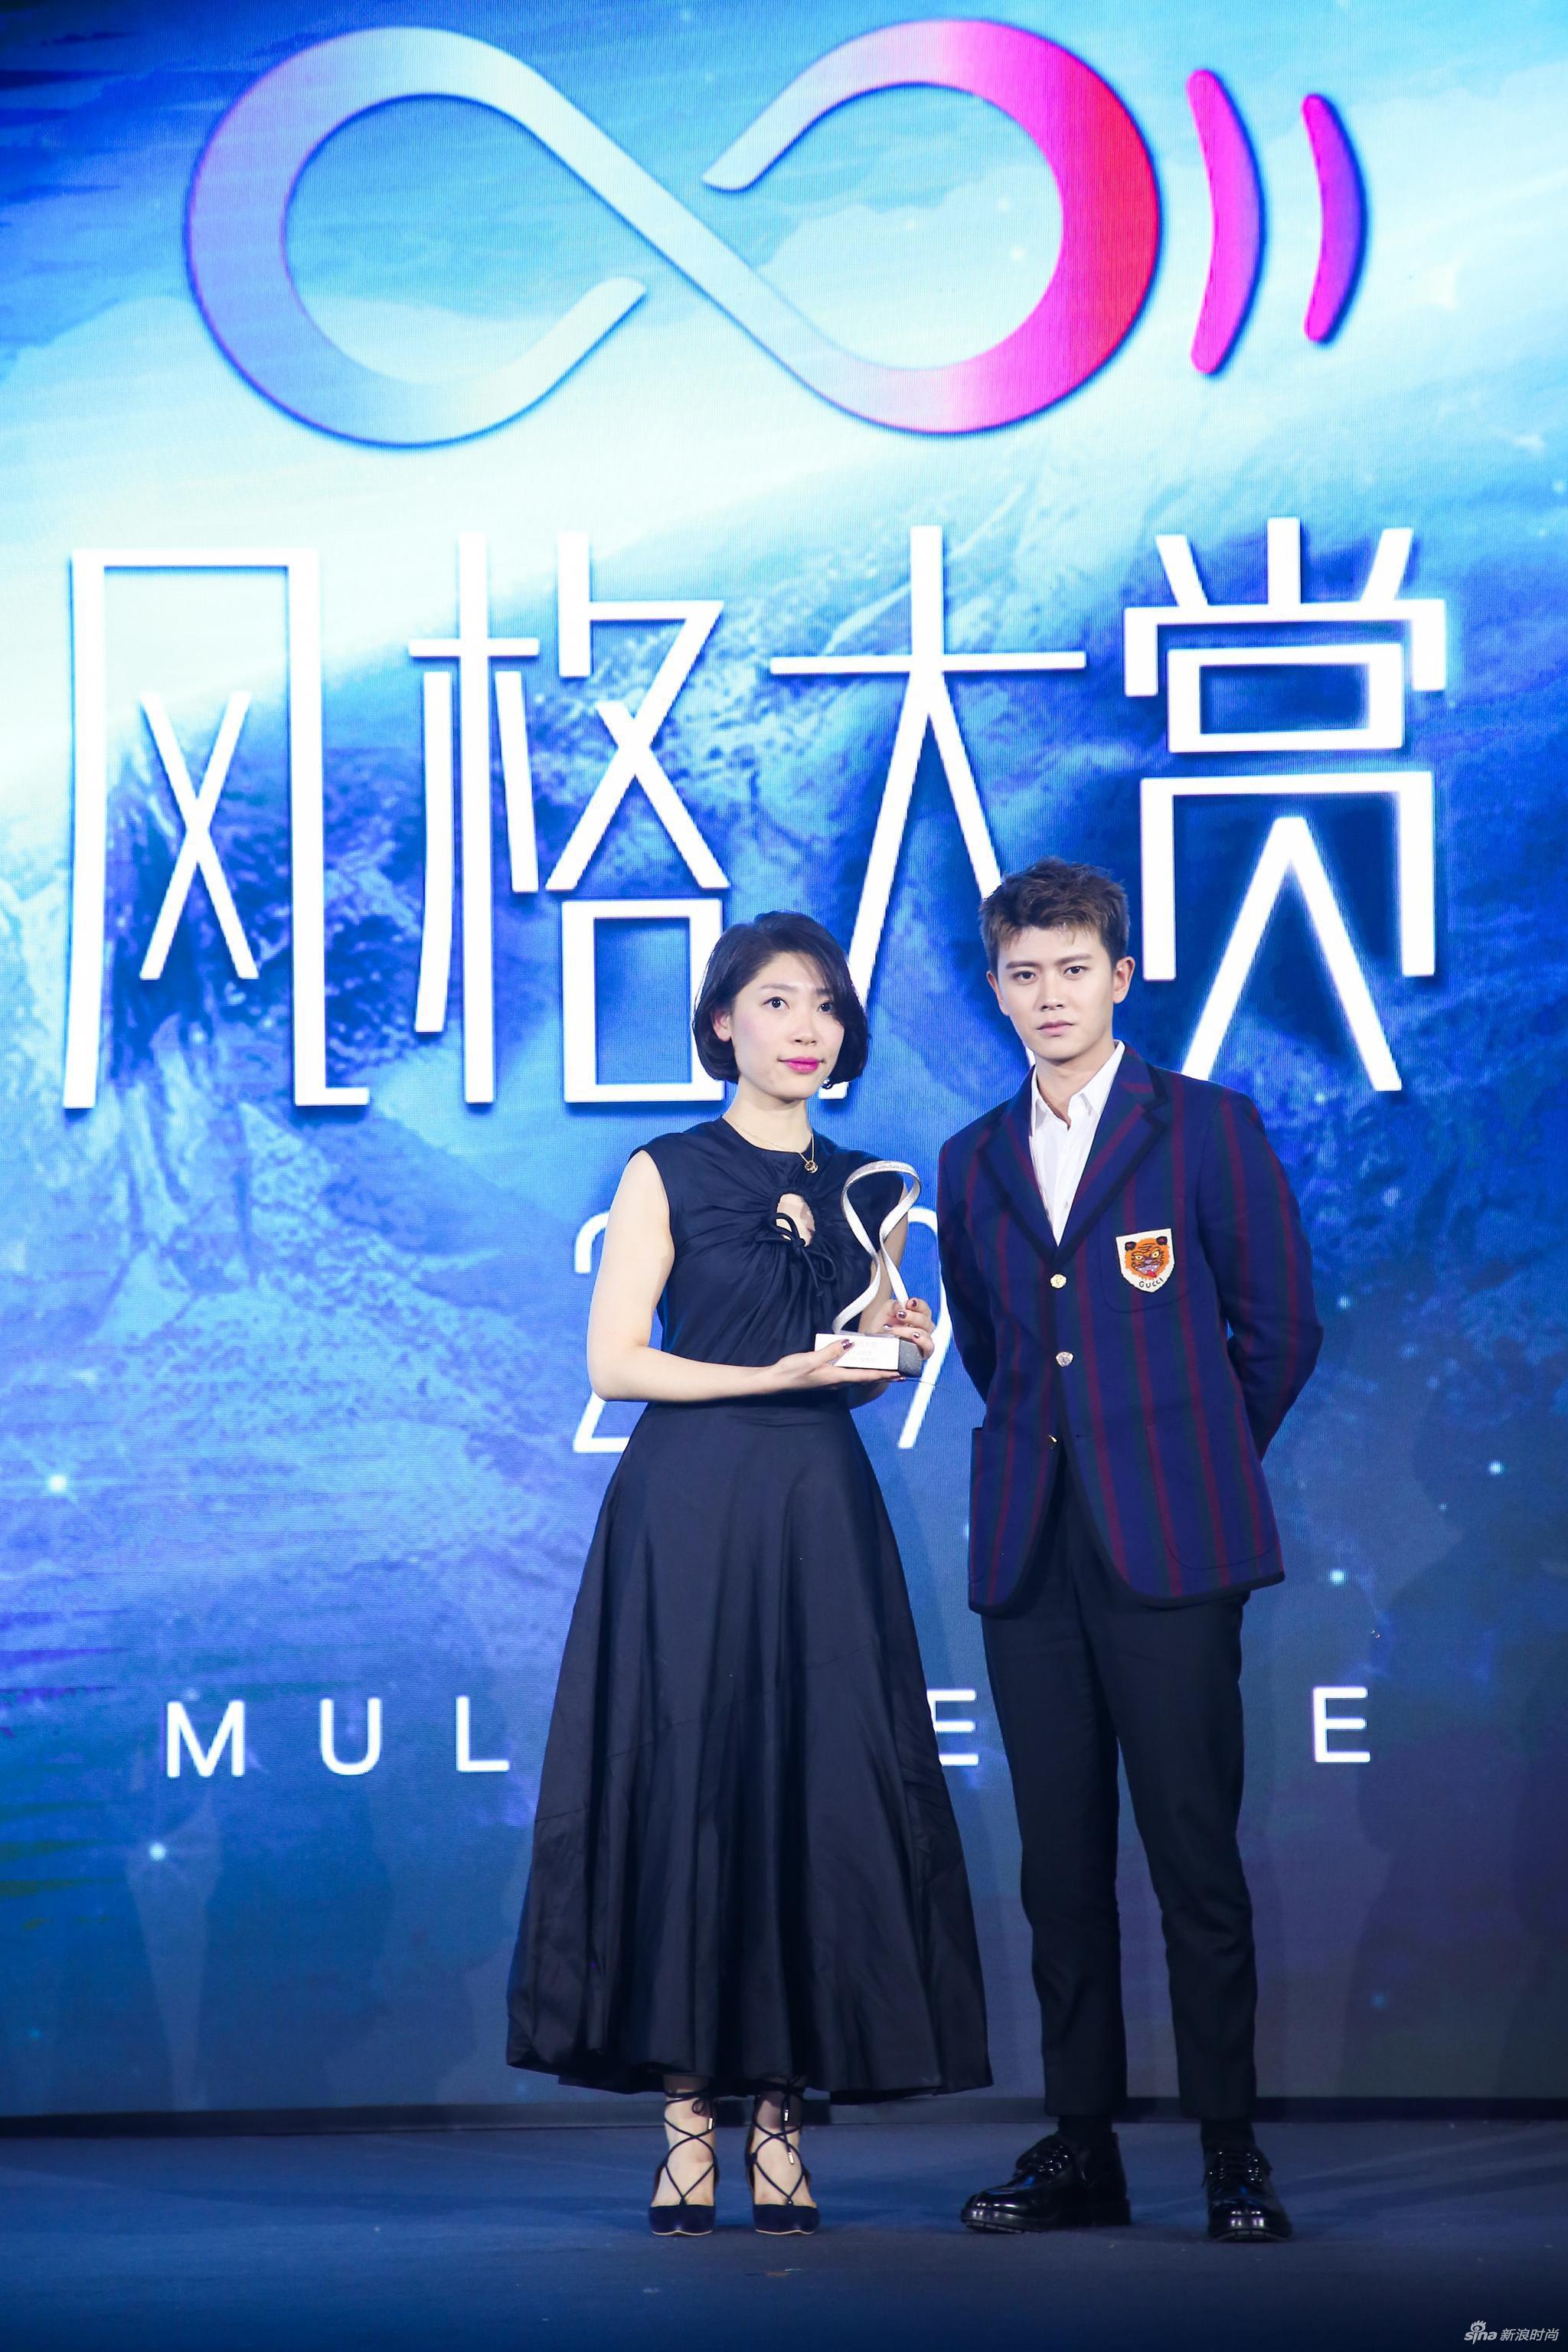 青年演员任嘉伦为领奖嘉宾宝格丽对外关系专员周玮女士颁奖